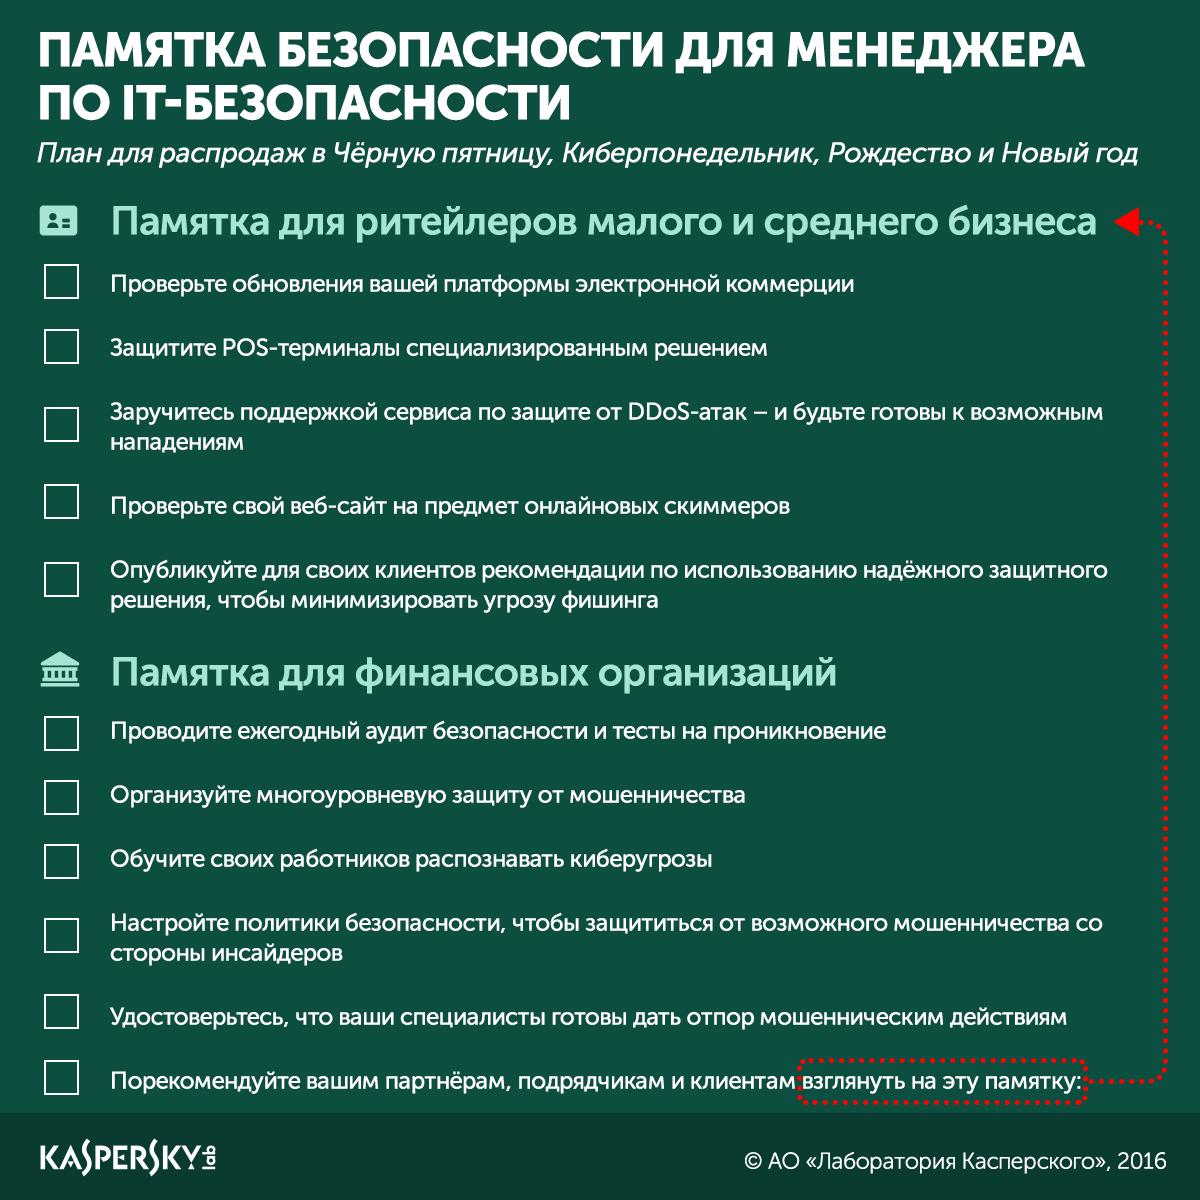 checklist_ru